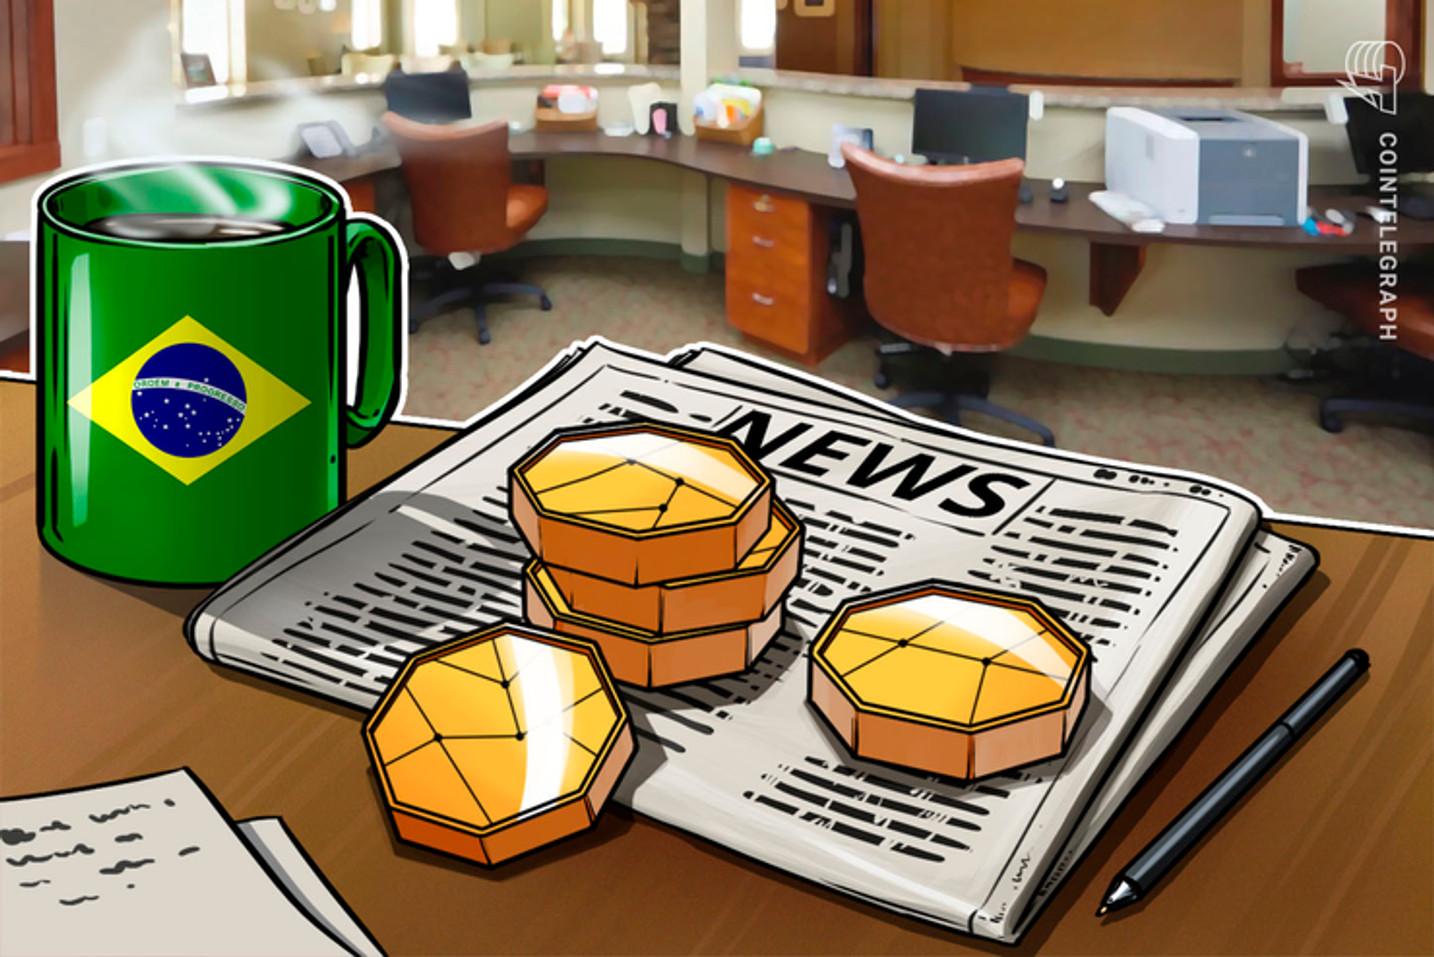 Banco Central do Brasil anuncia fim de TED e DOC para 2020; novo sistema deve usar blockchain, a tecnologia do Bitcoin